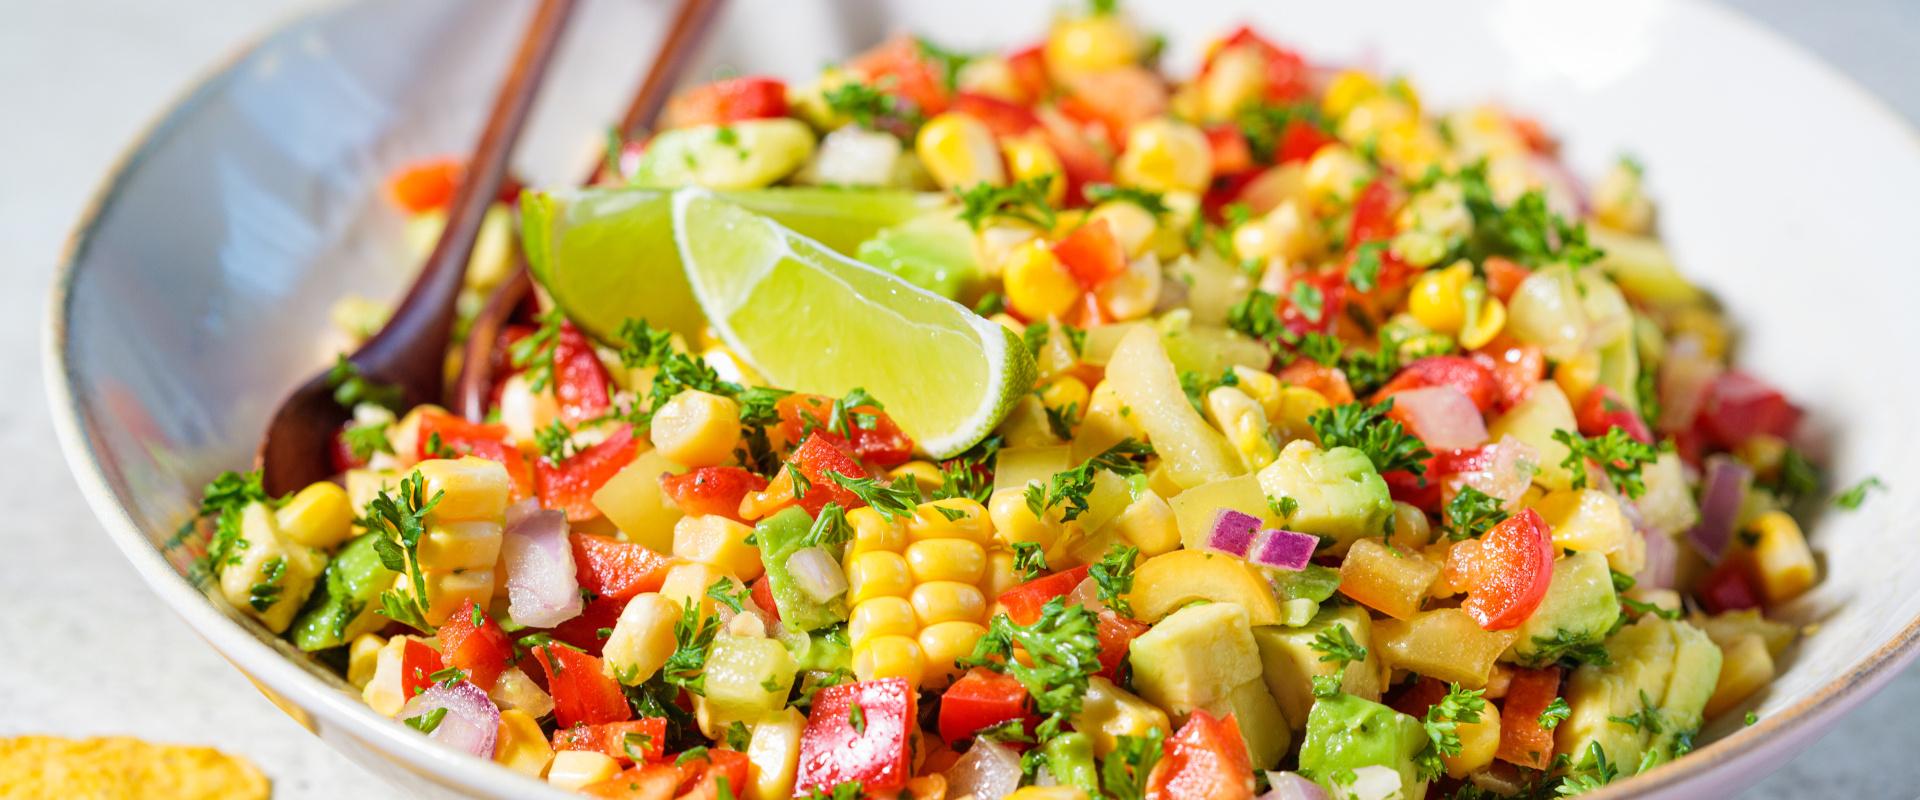 chilis limeos kukoricasaláta cover